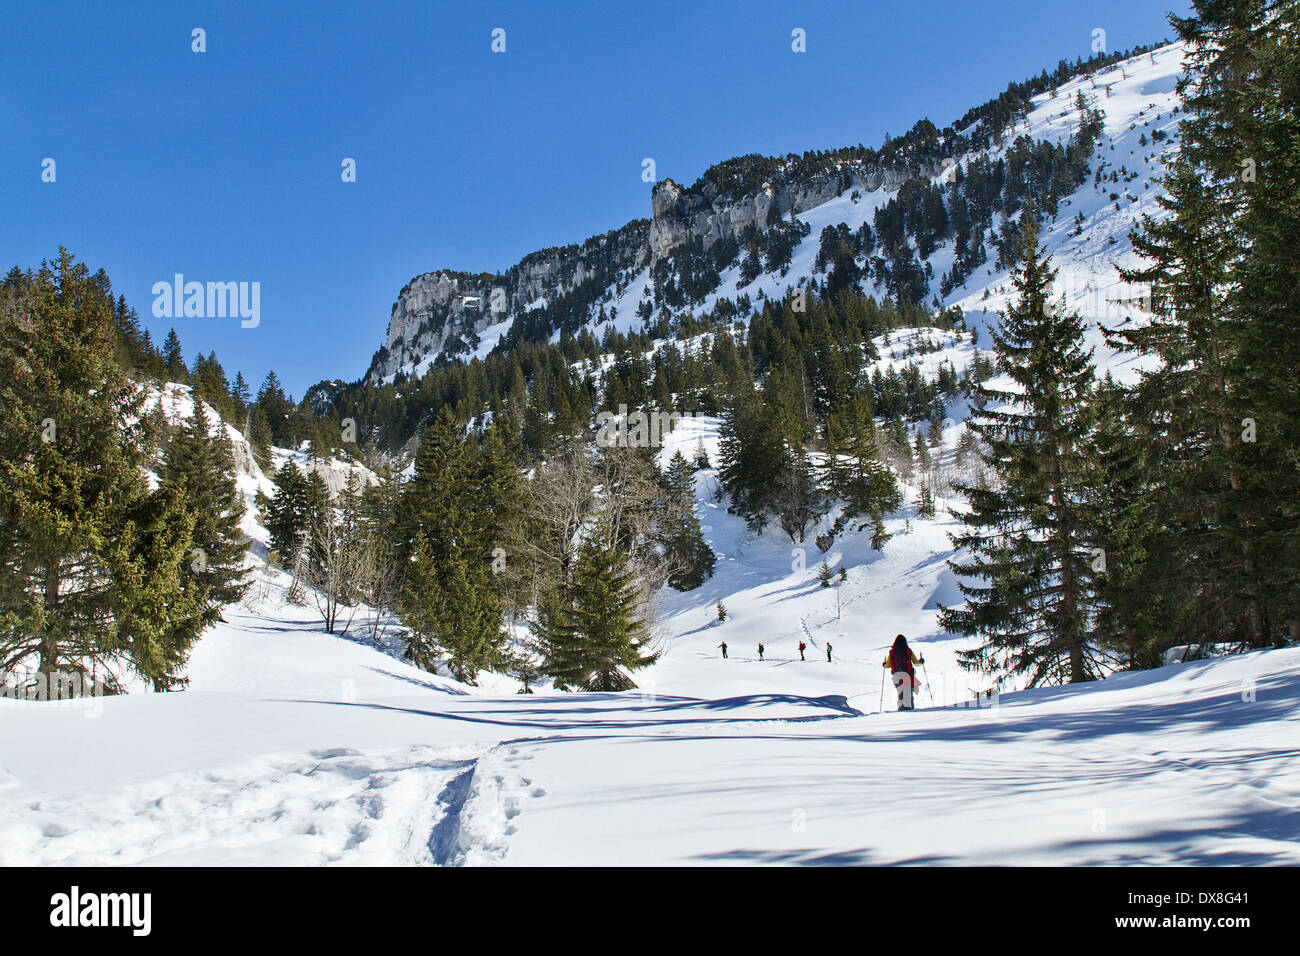 Les randonneurs en raquettes monter pour traverser l'Alpe Photo Stock